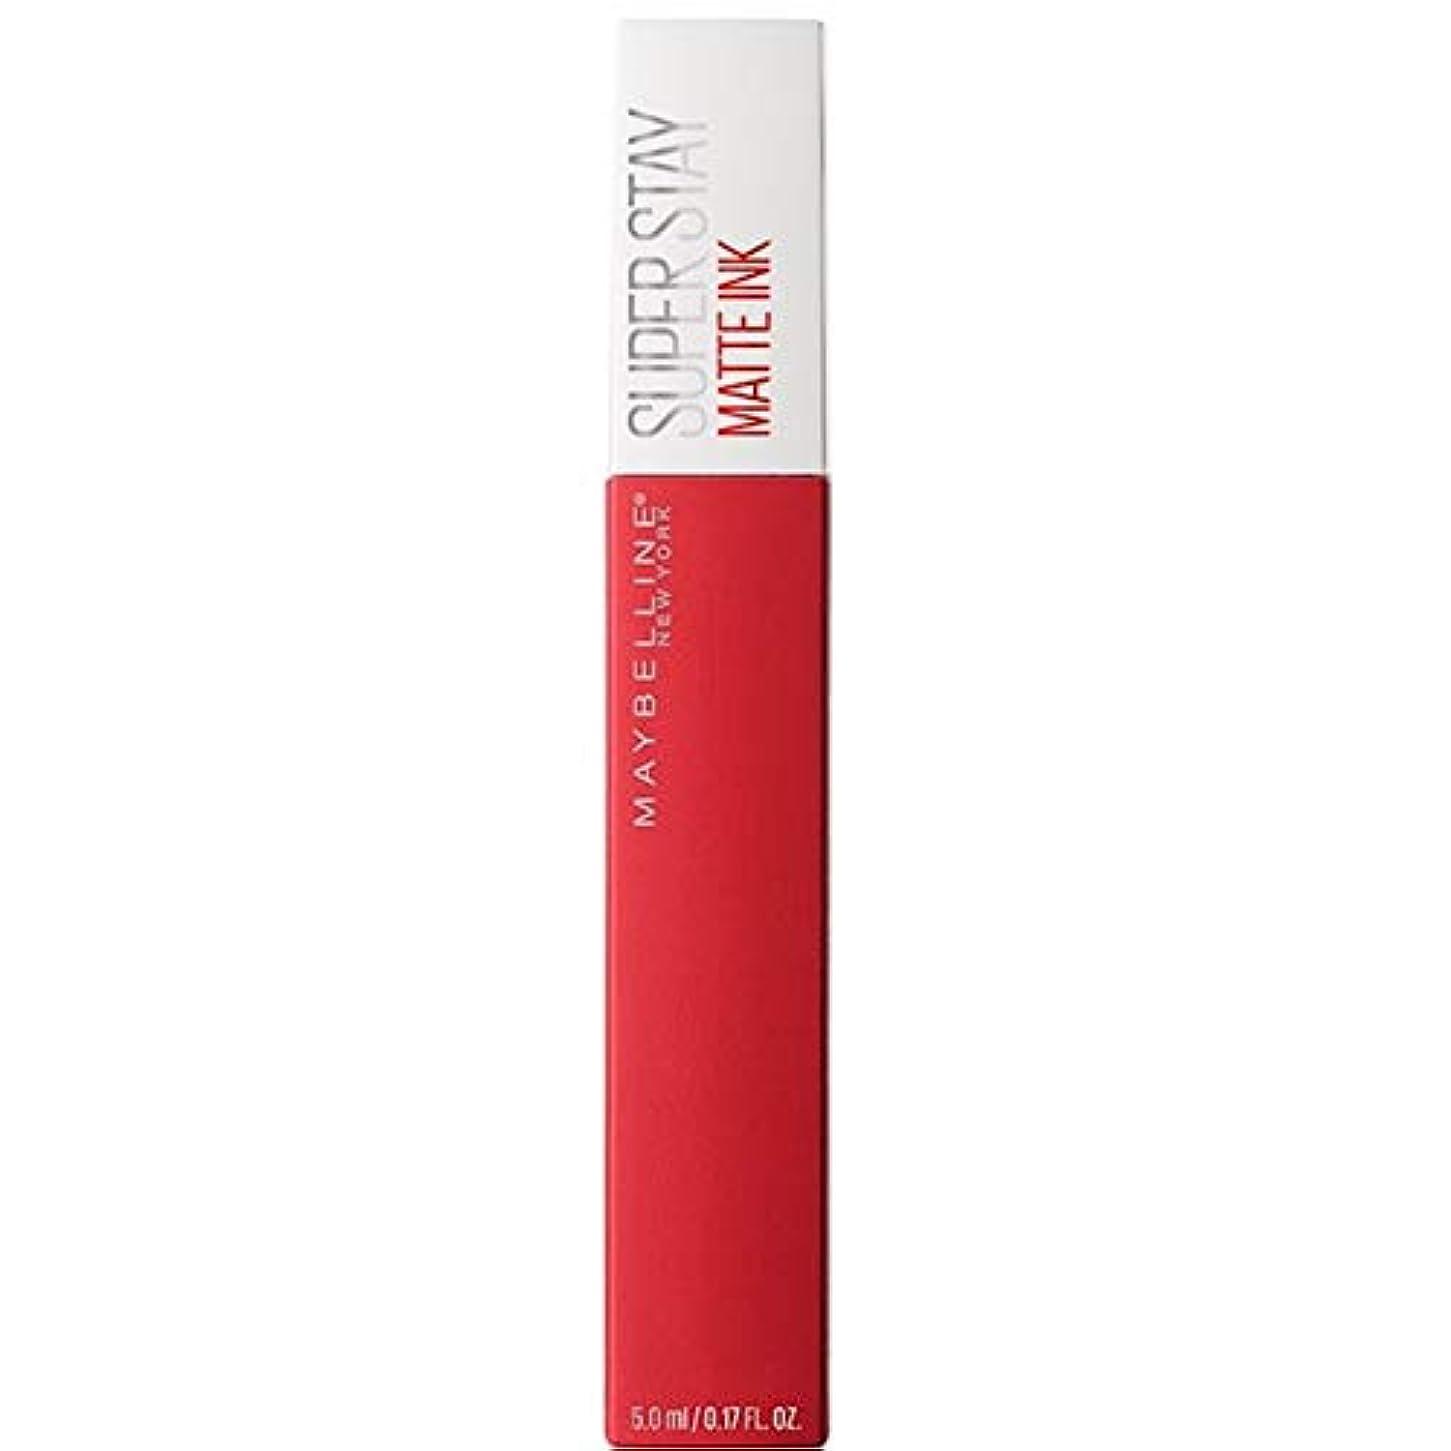 散らす別のストレスの多い[Maybelline ] メイベリンSuperstayマットインク液20パイオニア - Maybelline Superstay Matte Ink Liquid 20 Pioneer [並行輸入品]